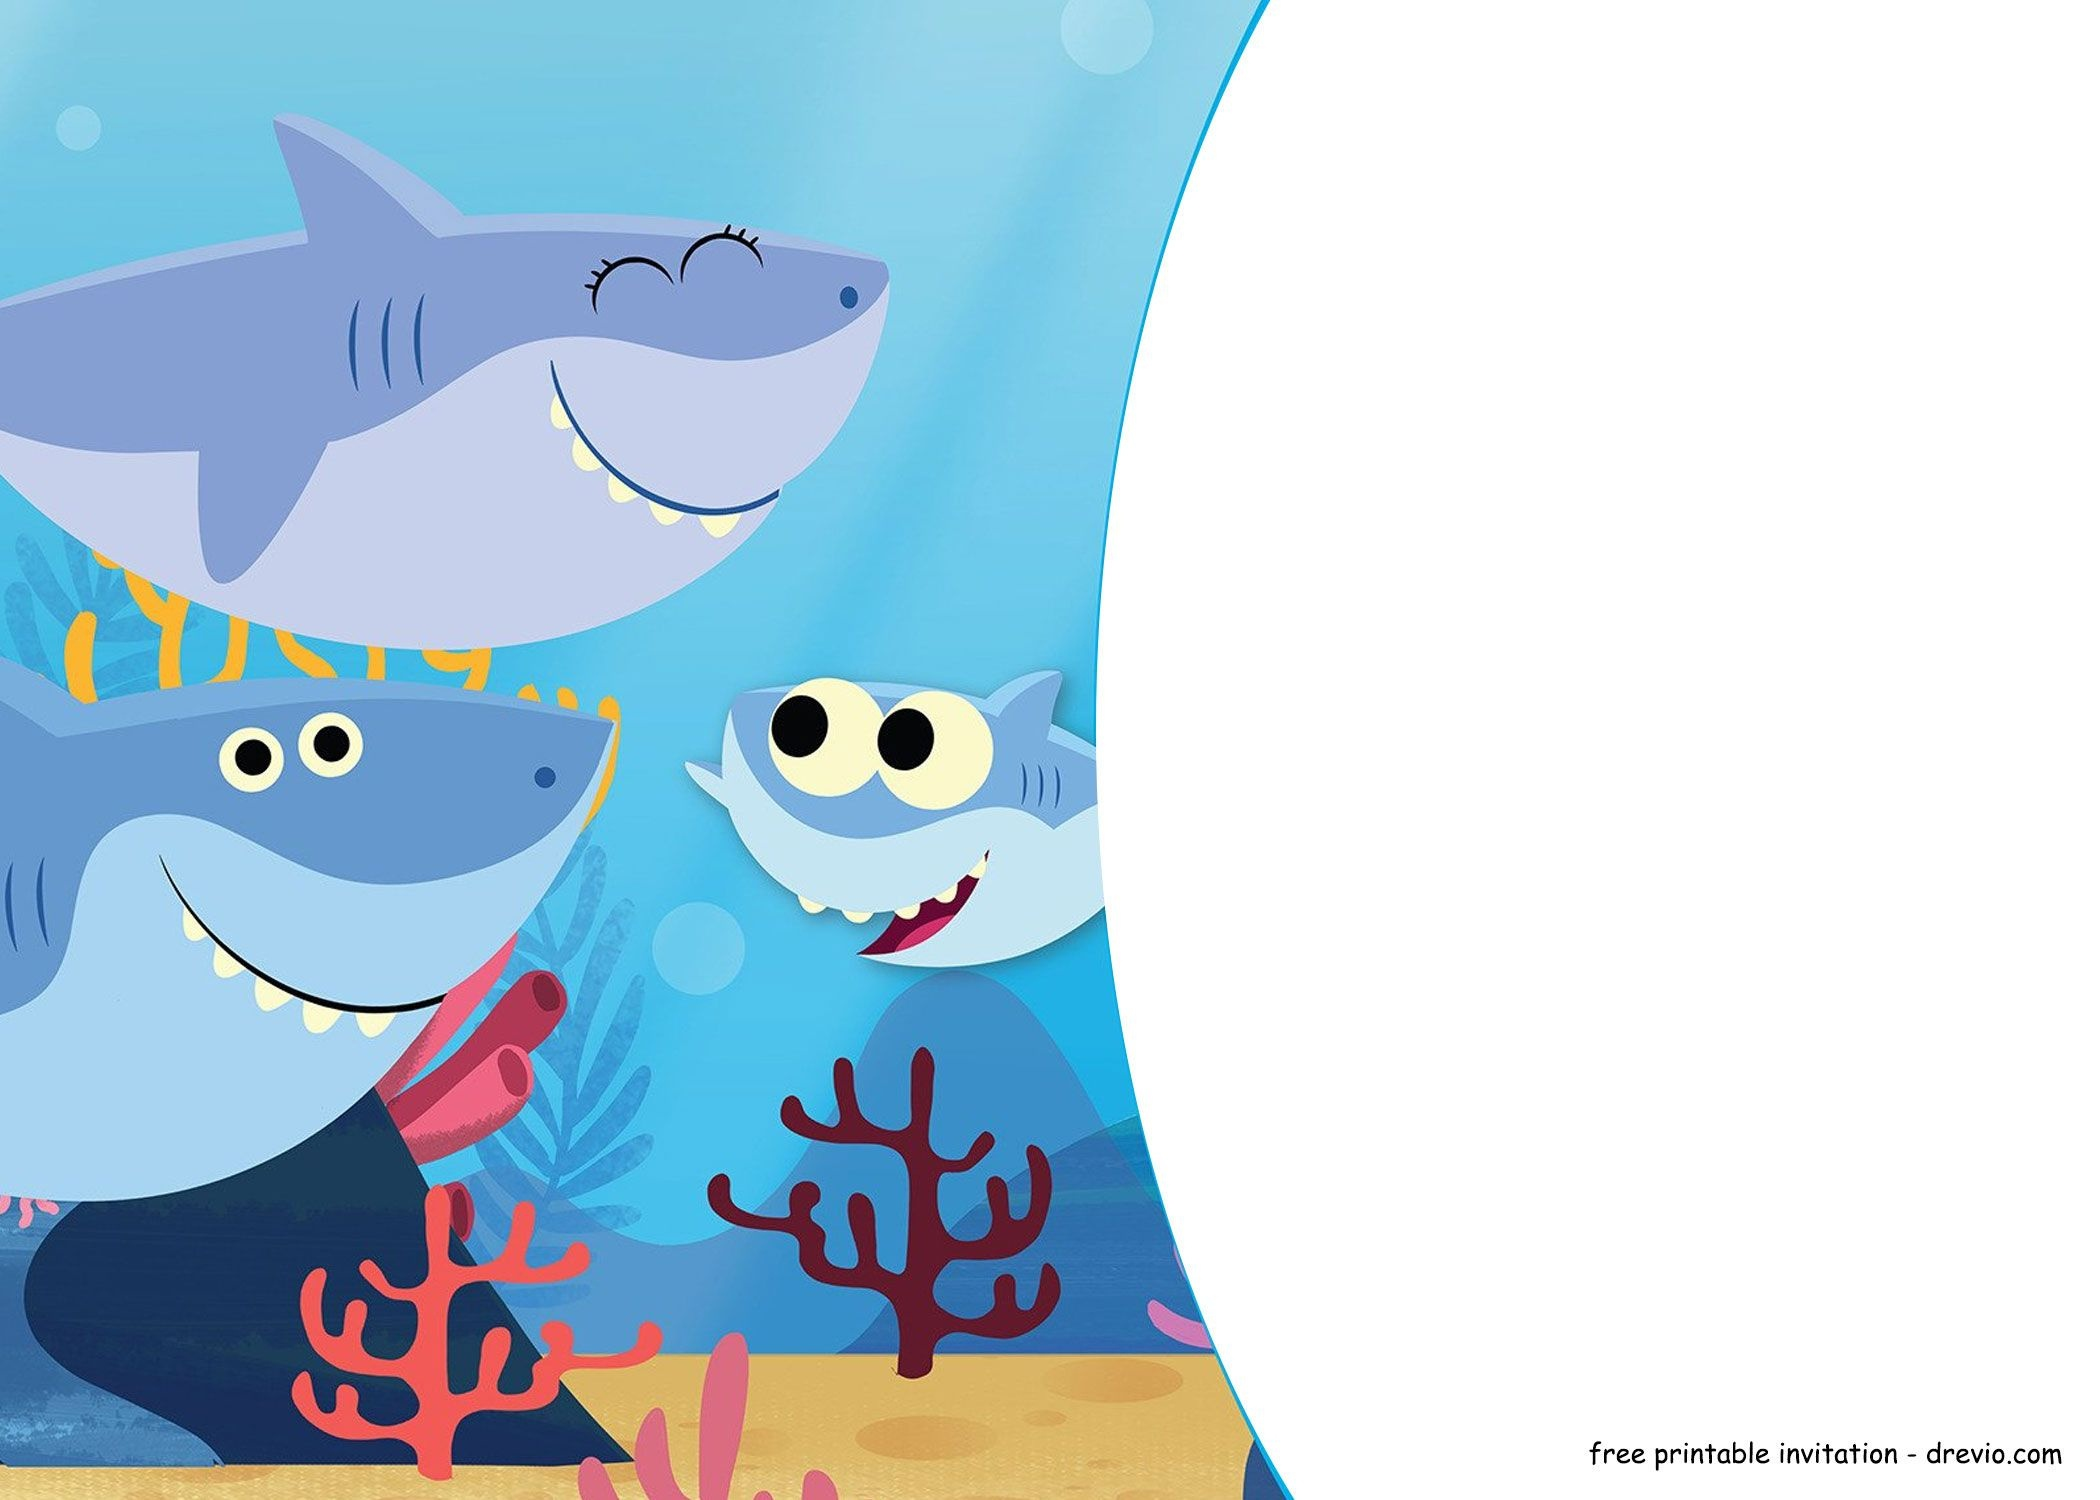 Fashion : Free Printable Baby Shark Pinkfong Birthday Invitation - Free Baby Shark Printables